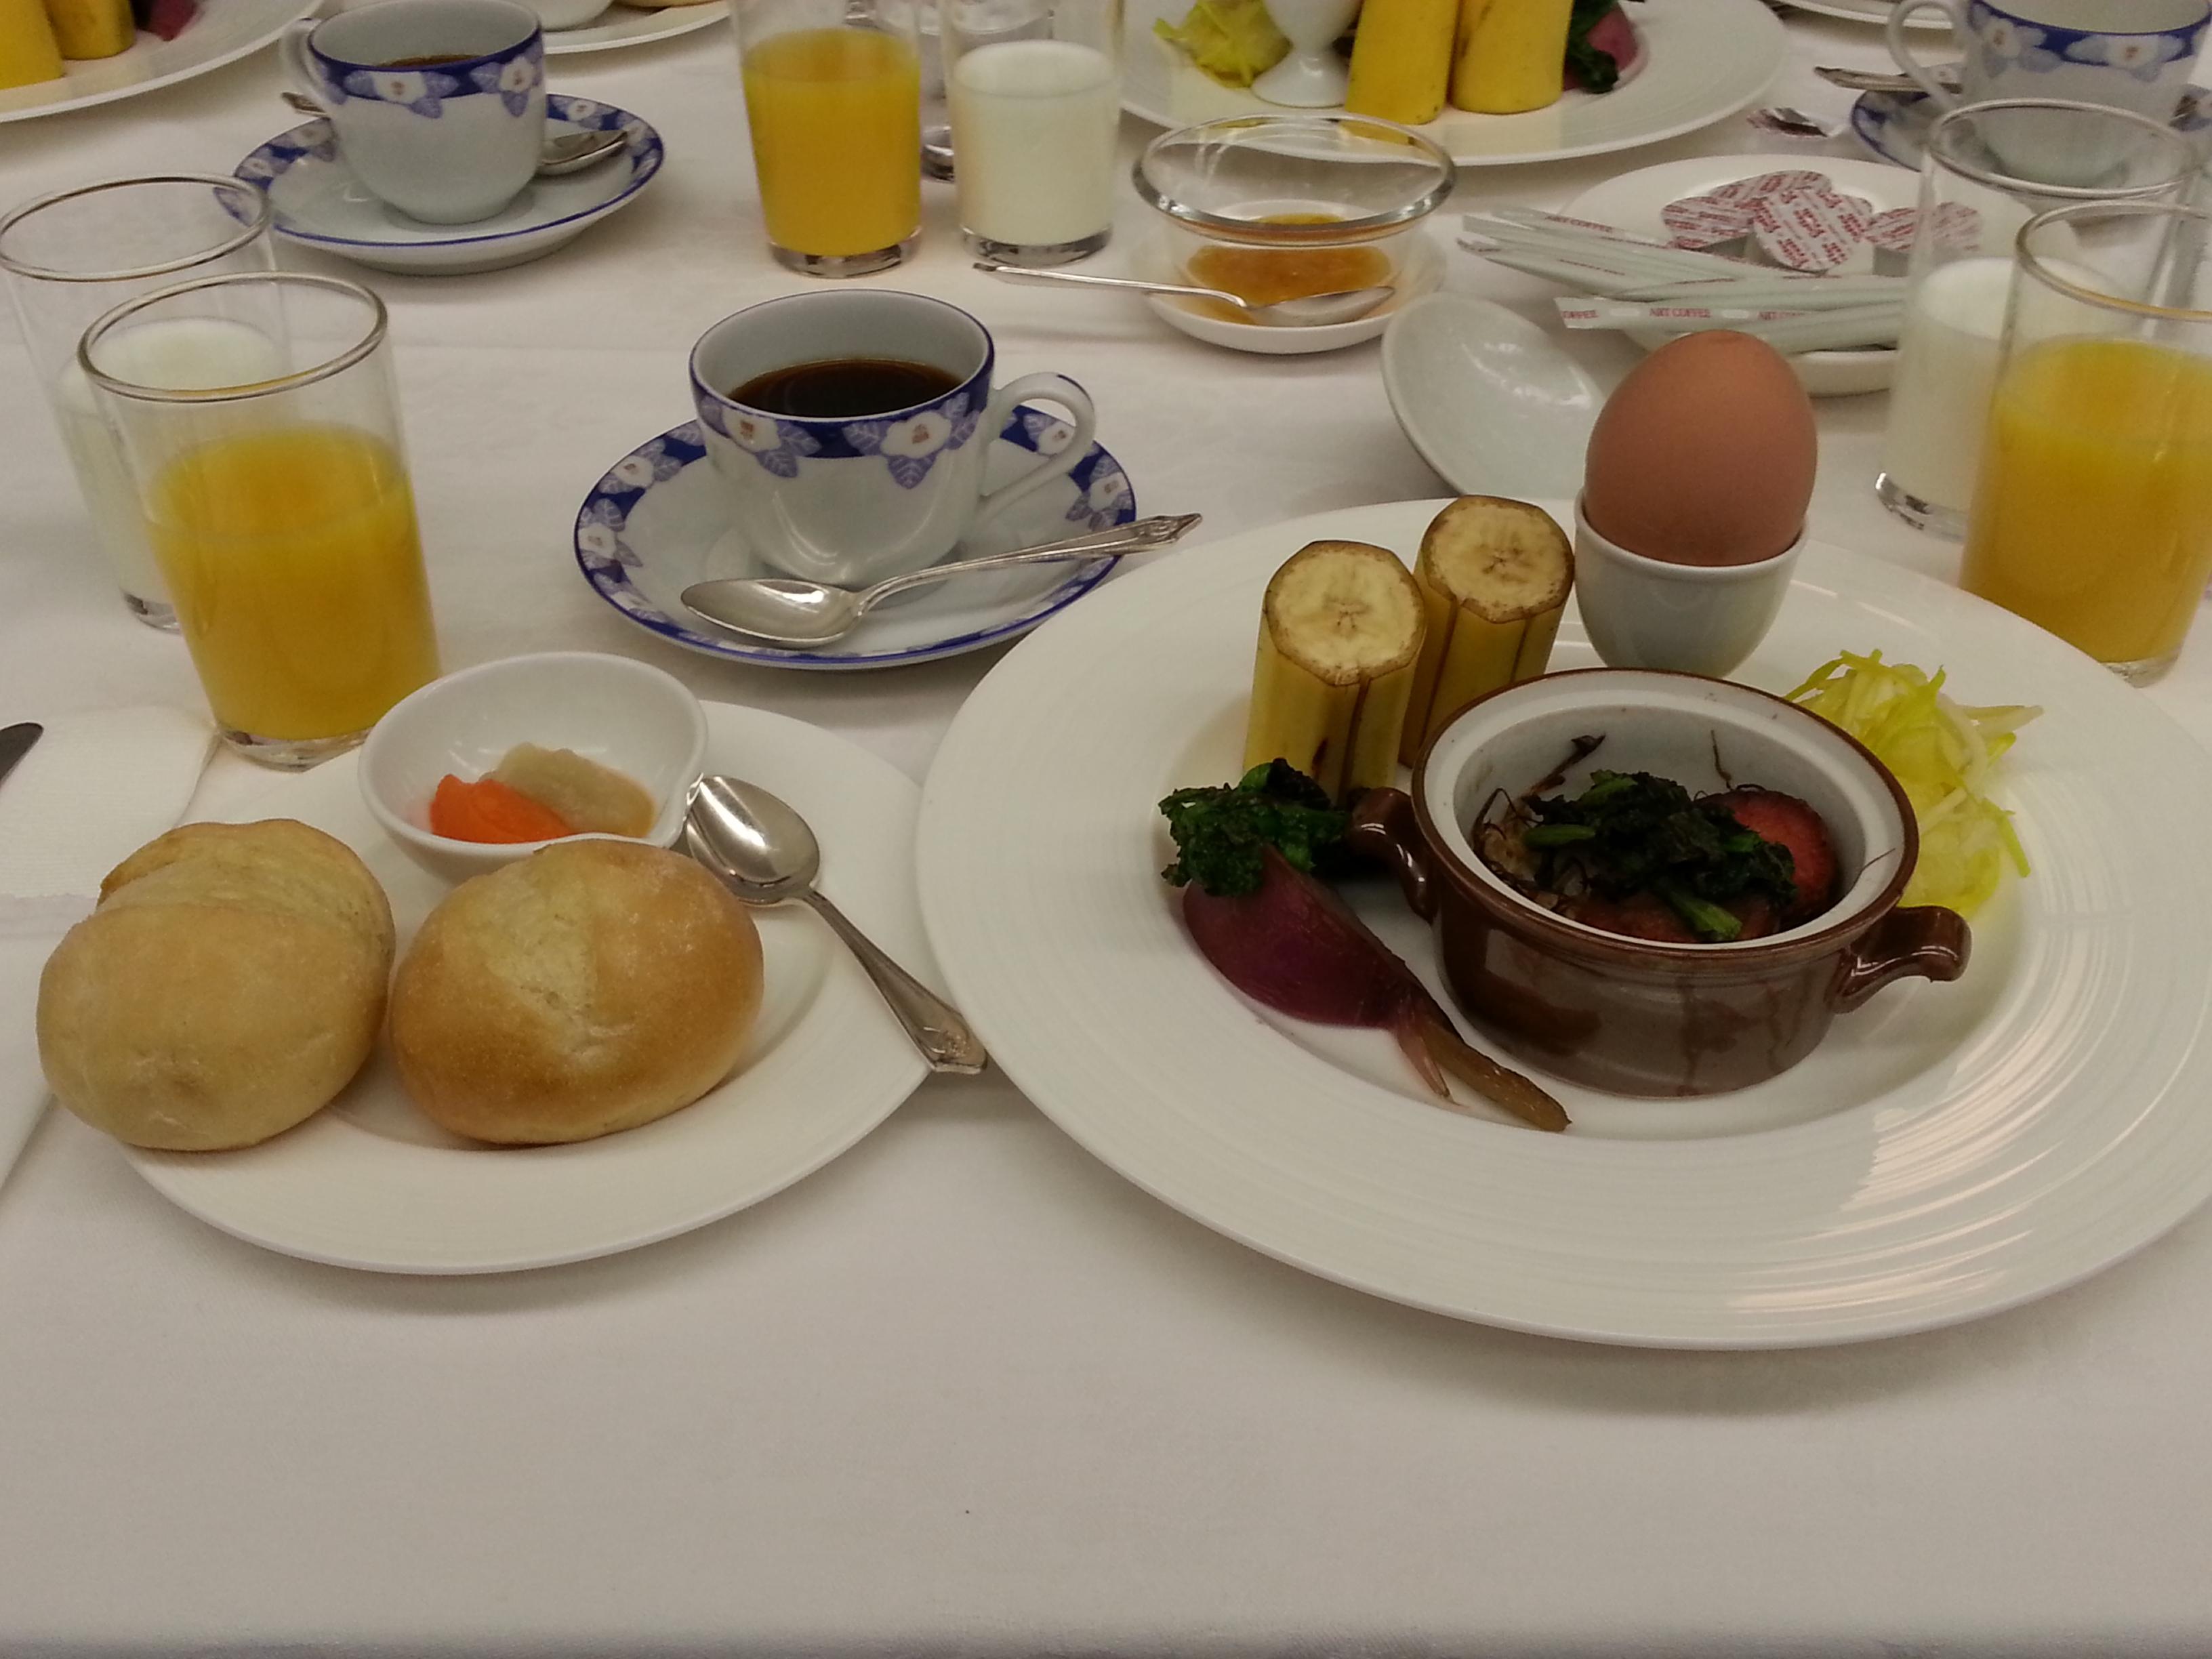 参議院議員の山口那津男公明党代表が講演、第10回エシカル朝食会開催